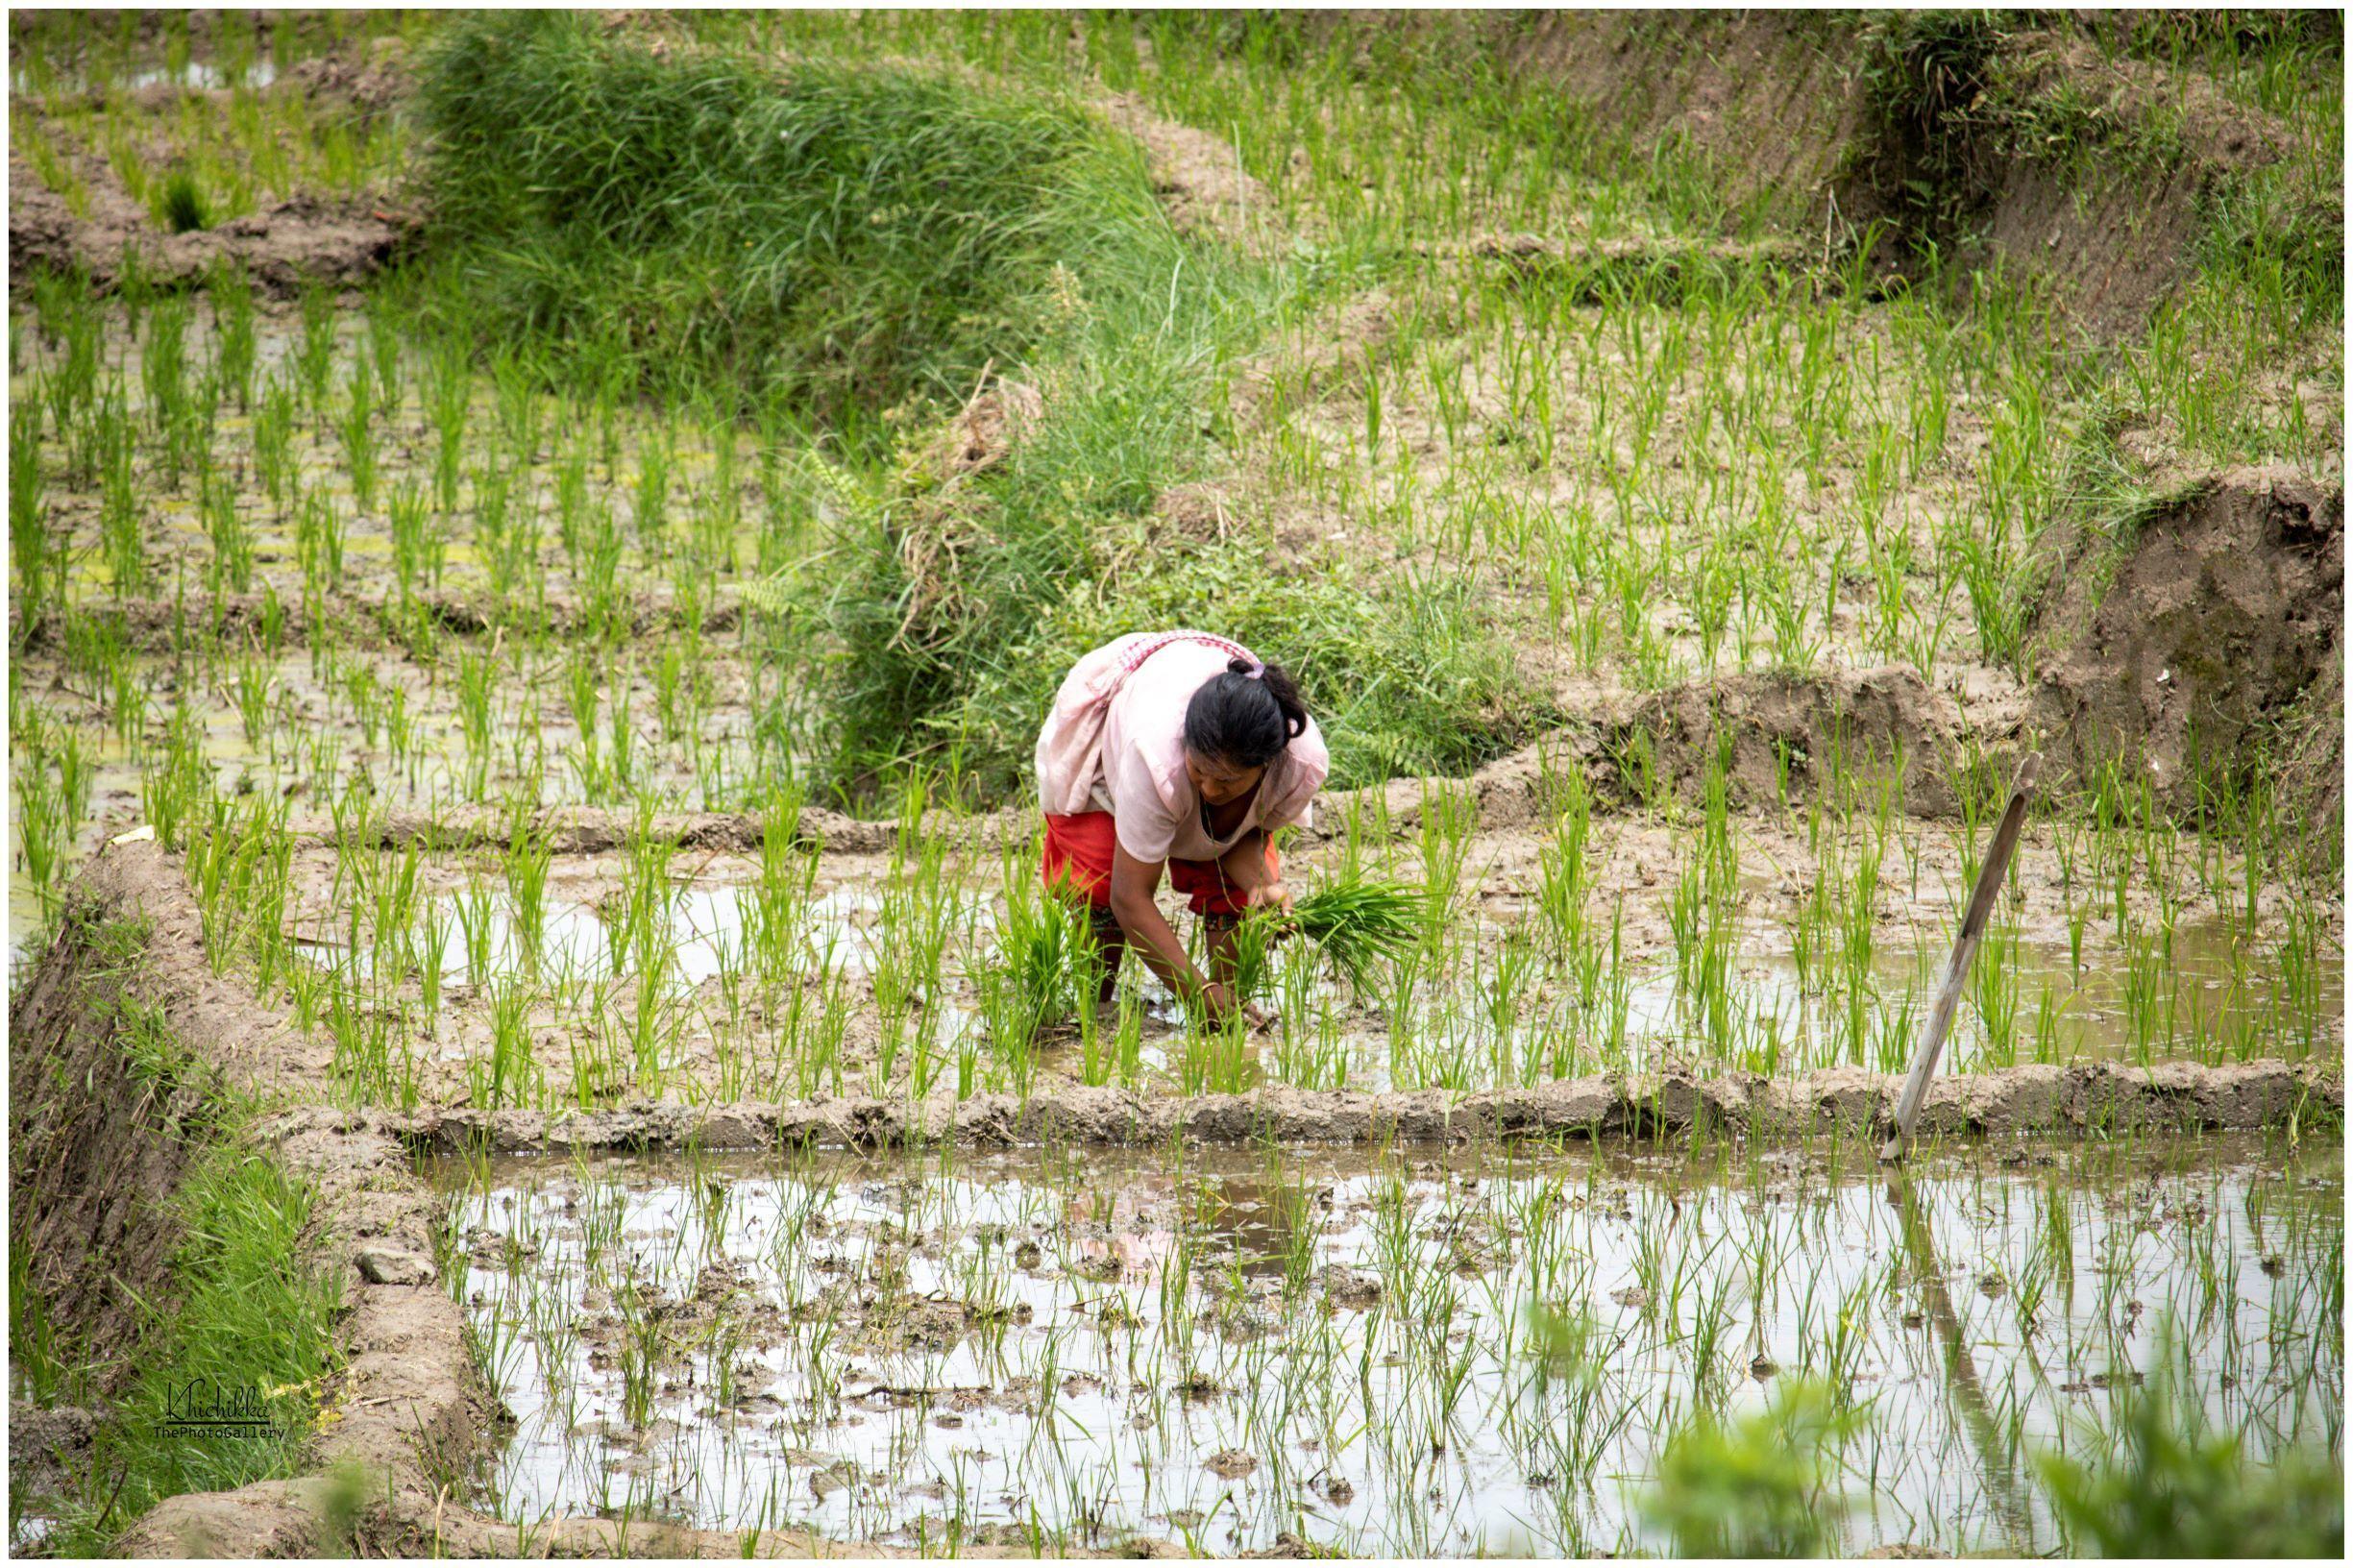 https://www.bhaktapur.com/wp-content/uploads/2020/06/Saurav-Bajracharya-resized-3.jpg